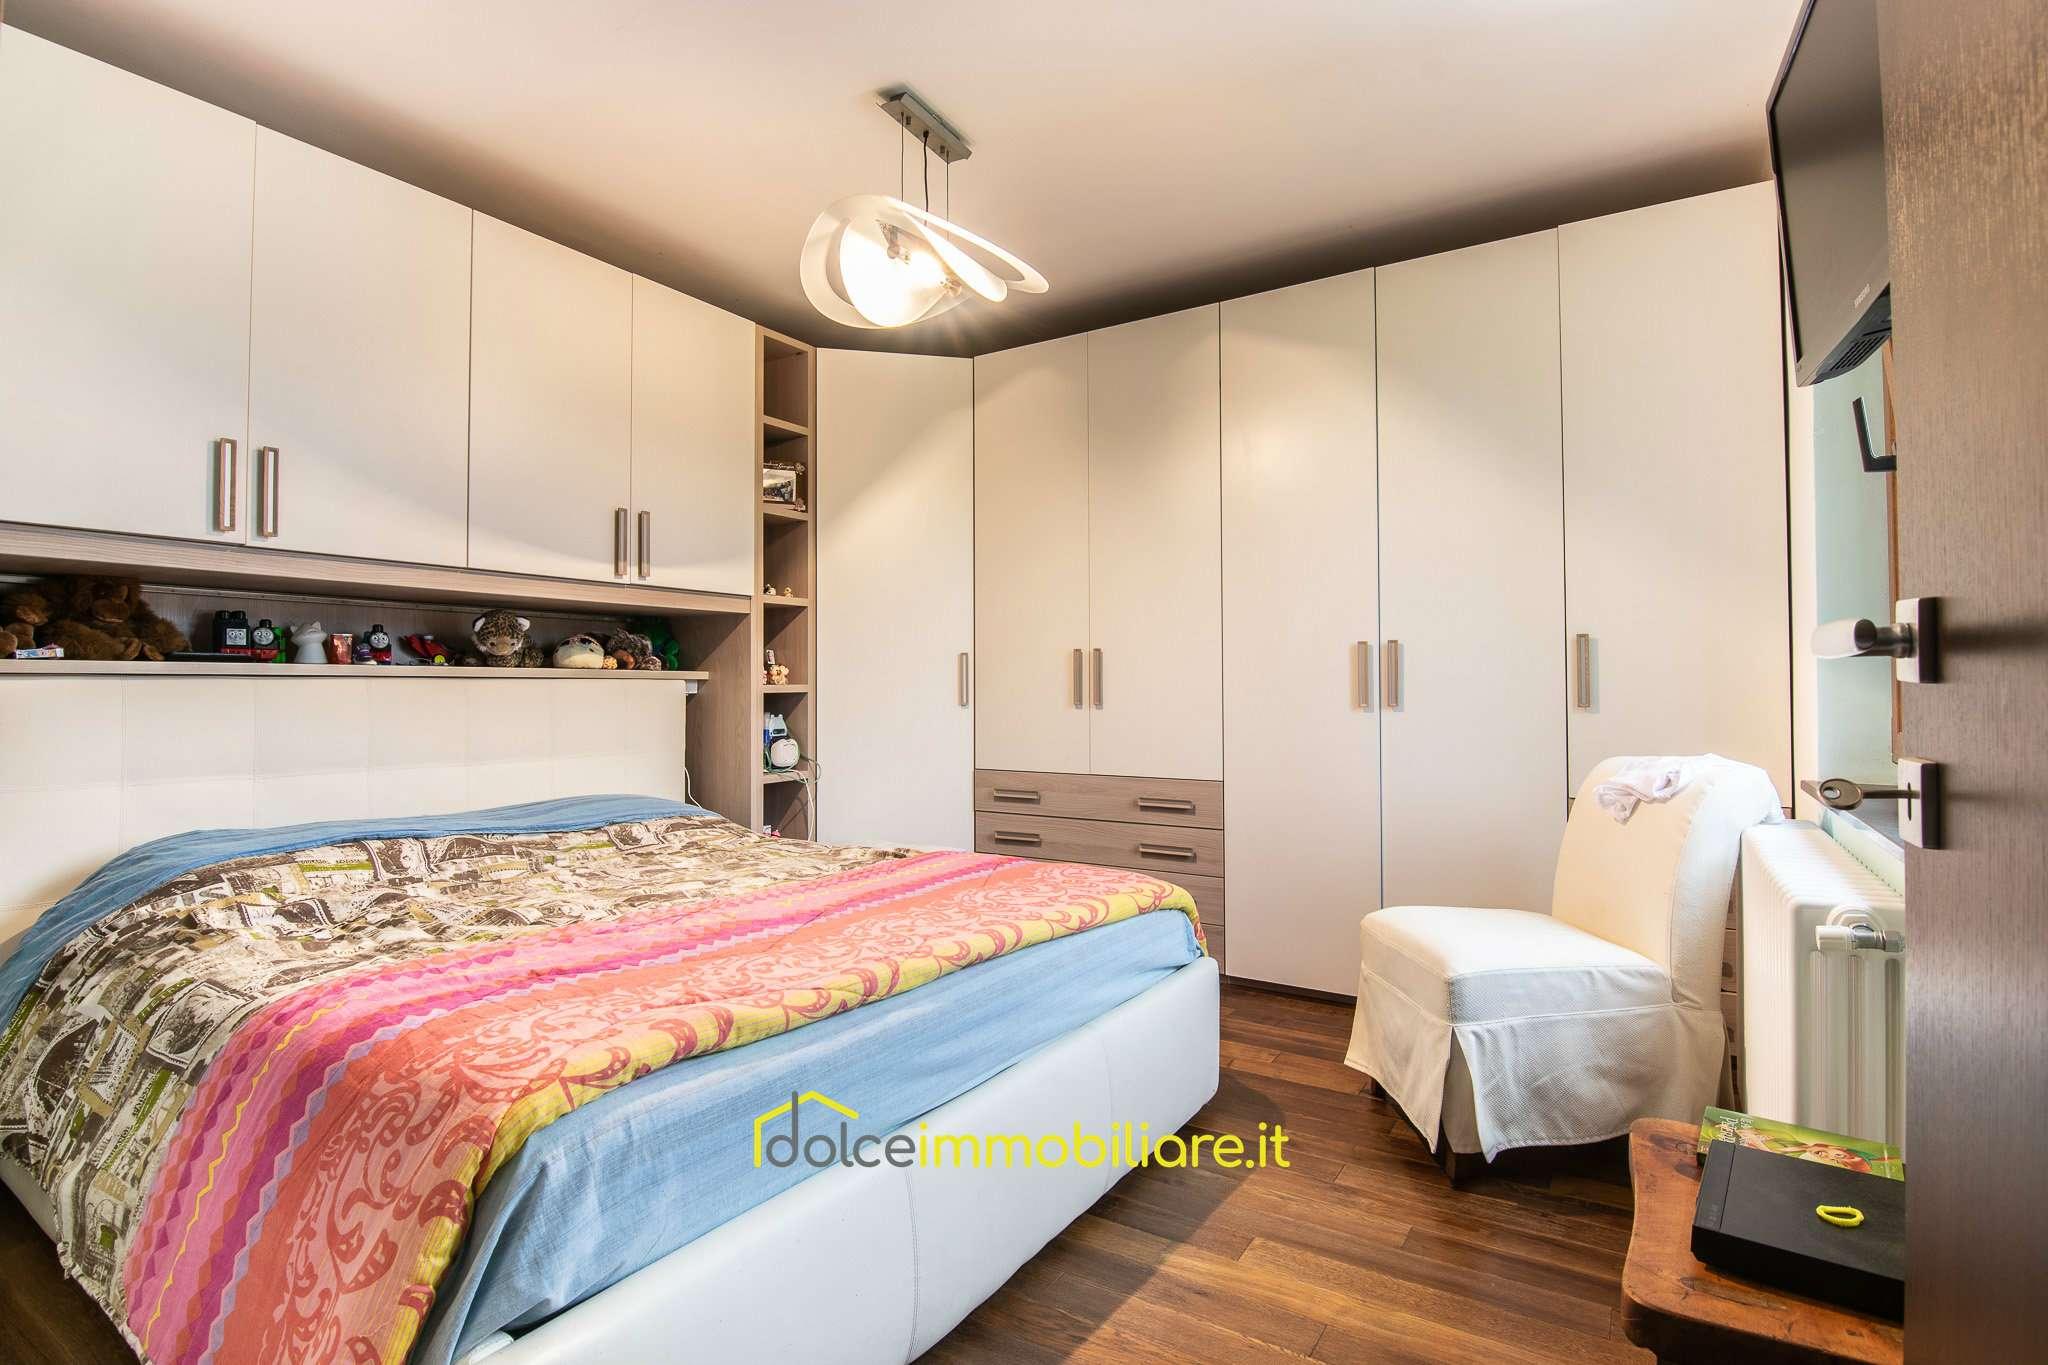 Appartamento in vendita a Campomorone, 3 locali, prezzo € 135.000 | CambioCasa.it